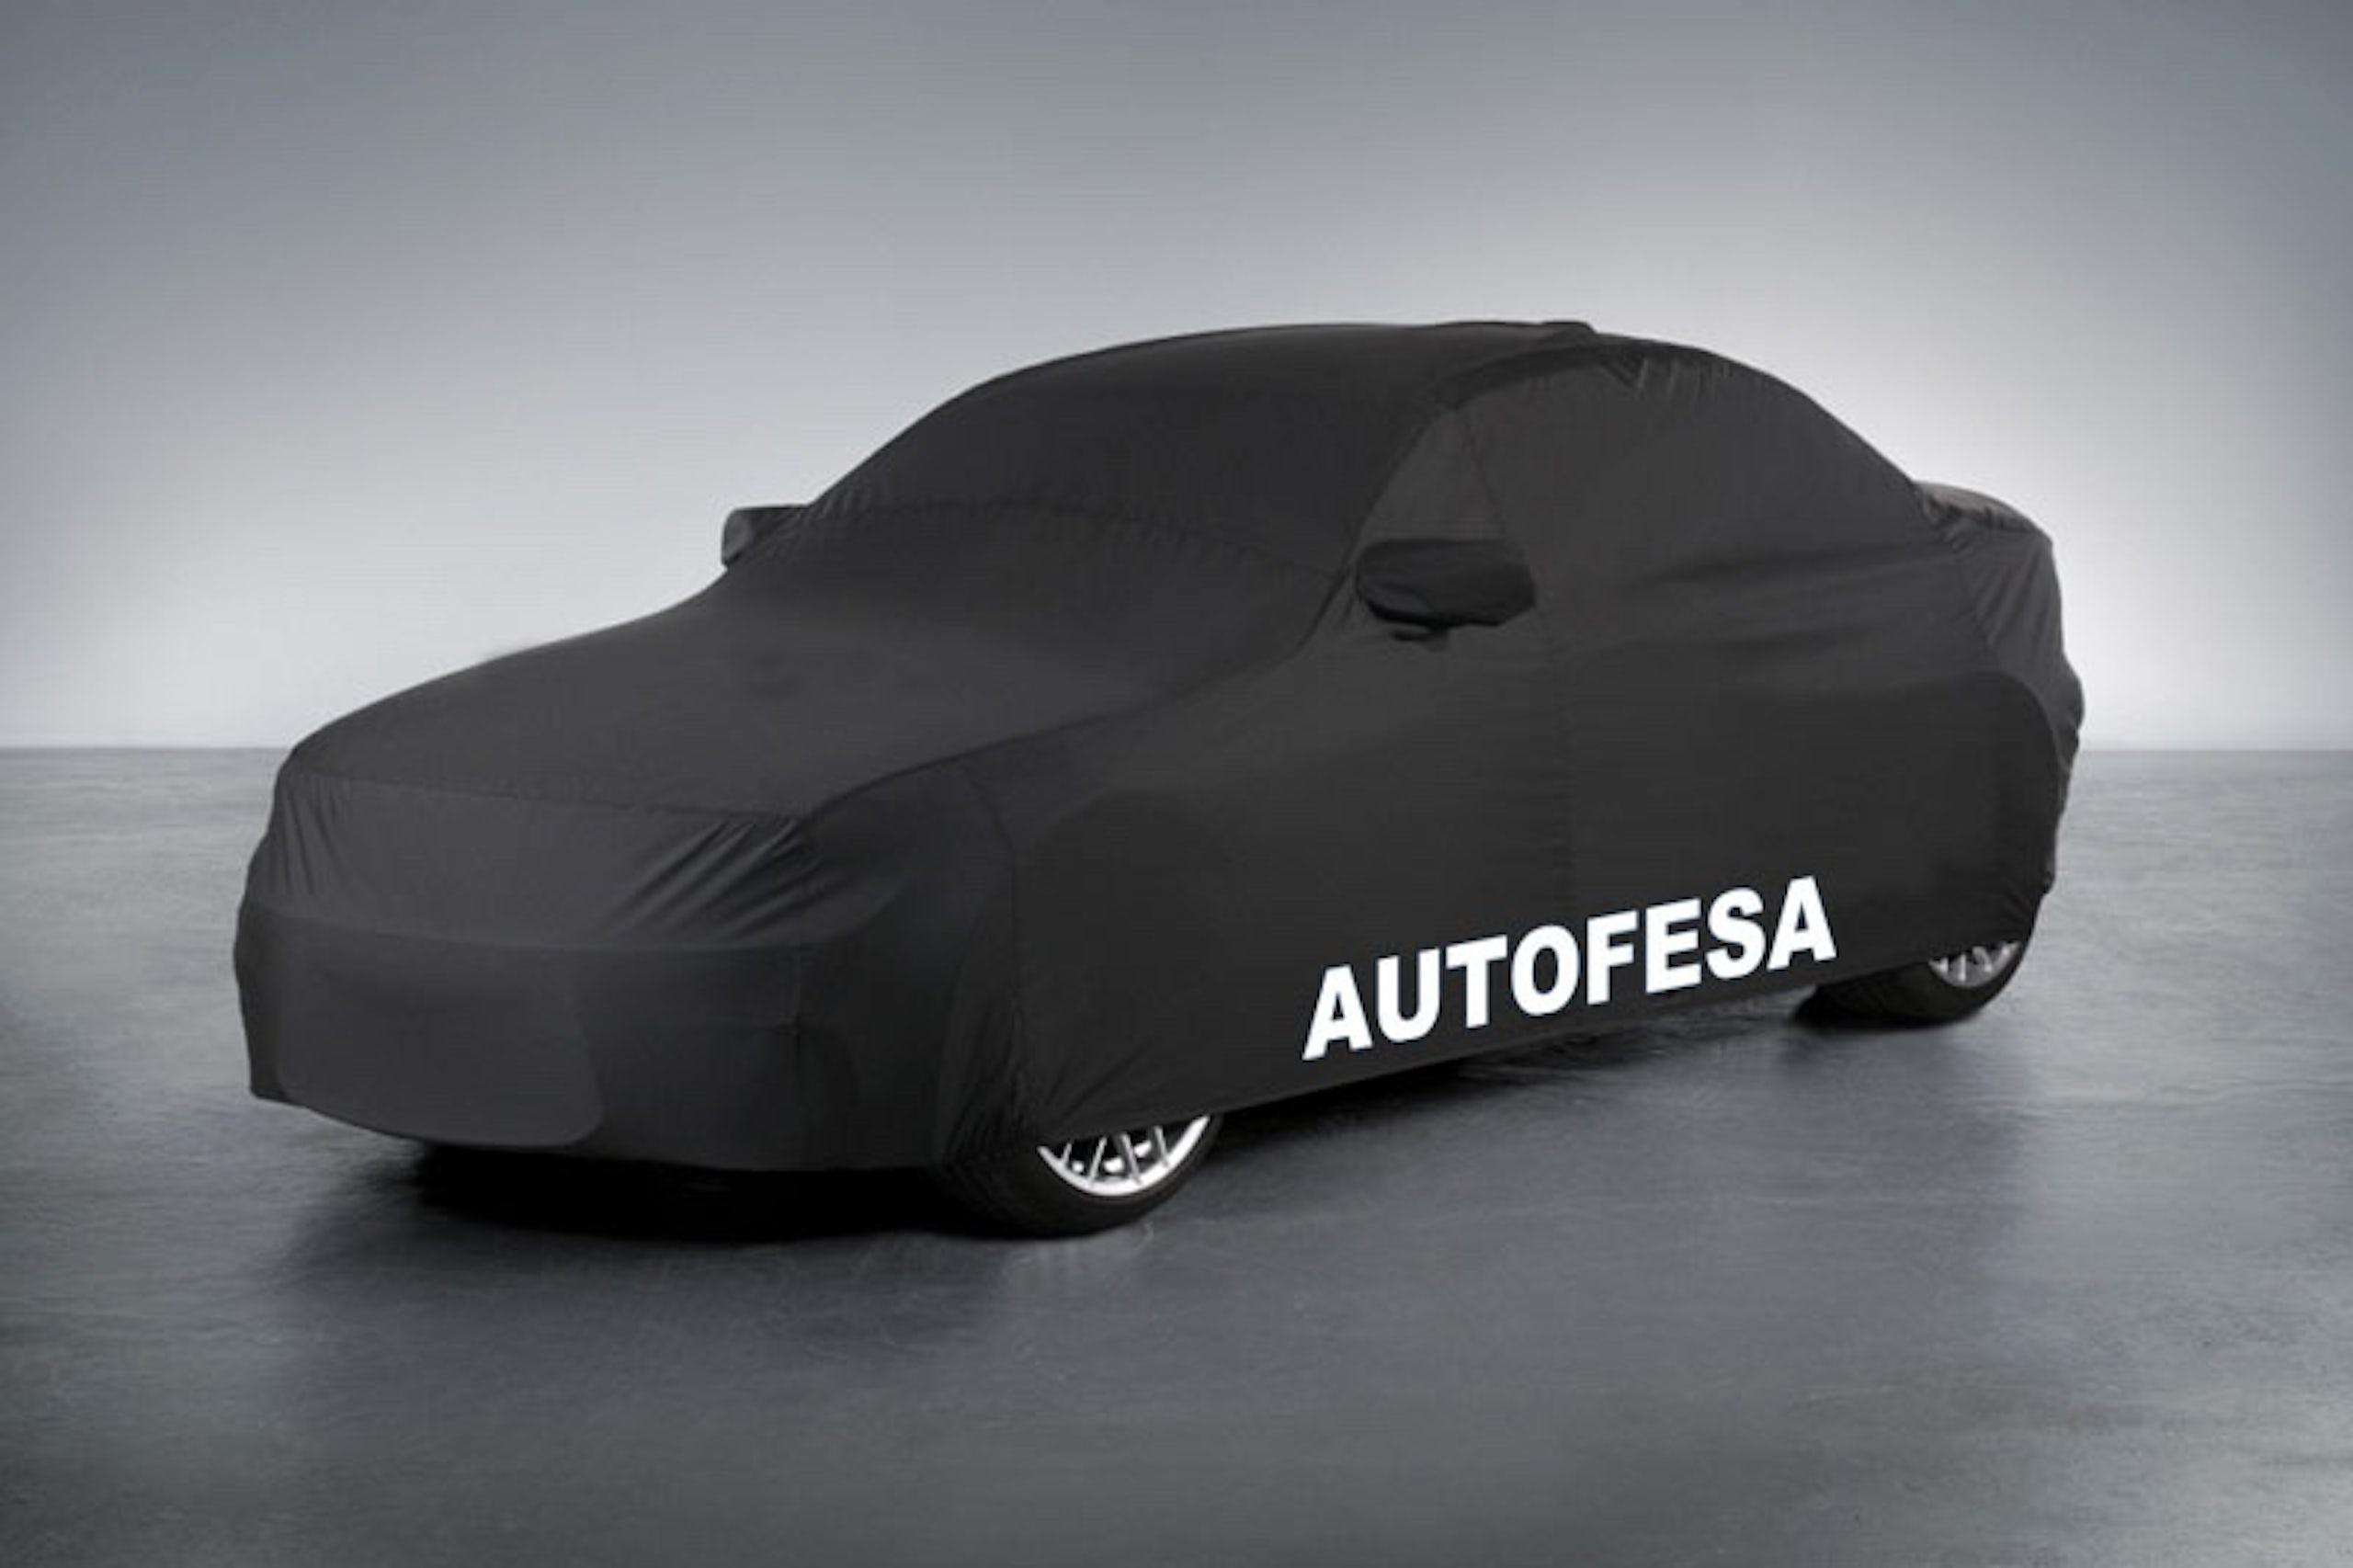 Audi Tt Roadster 2.0 TFSI 230cv quattro 2p Stronic Auto  S/S - Foto 22